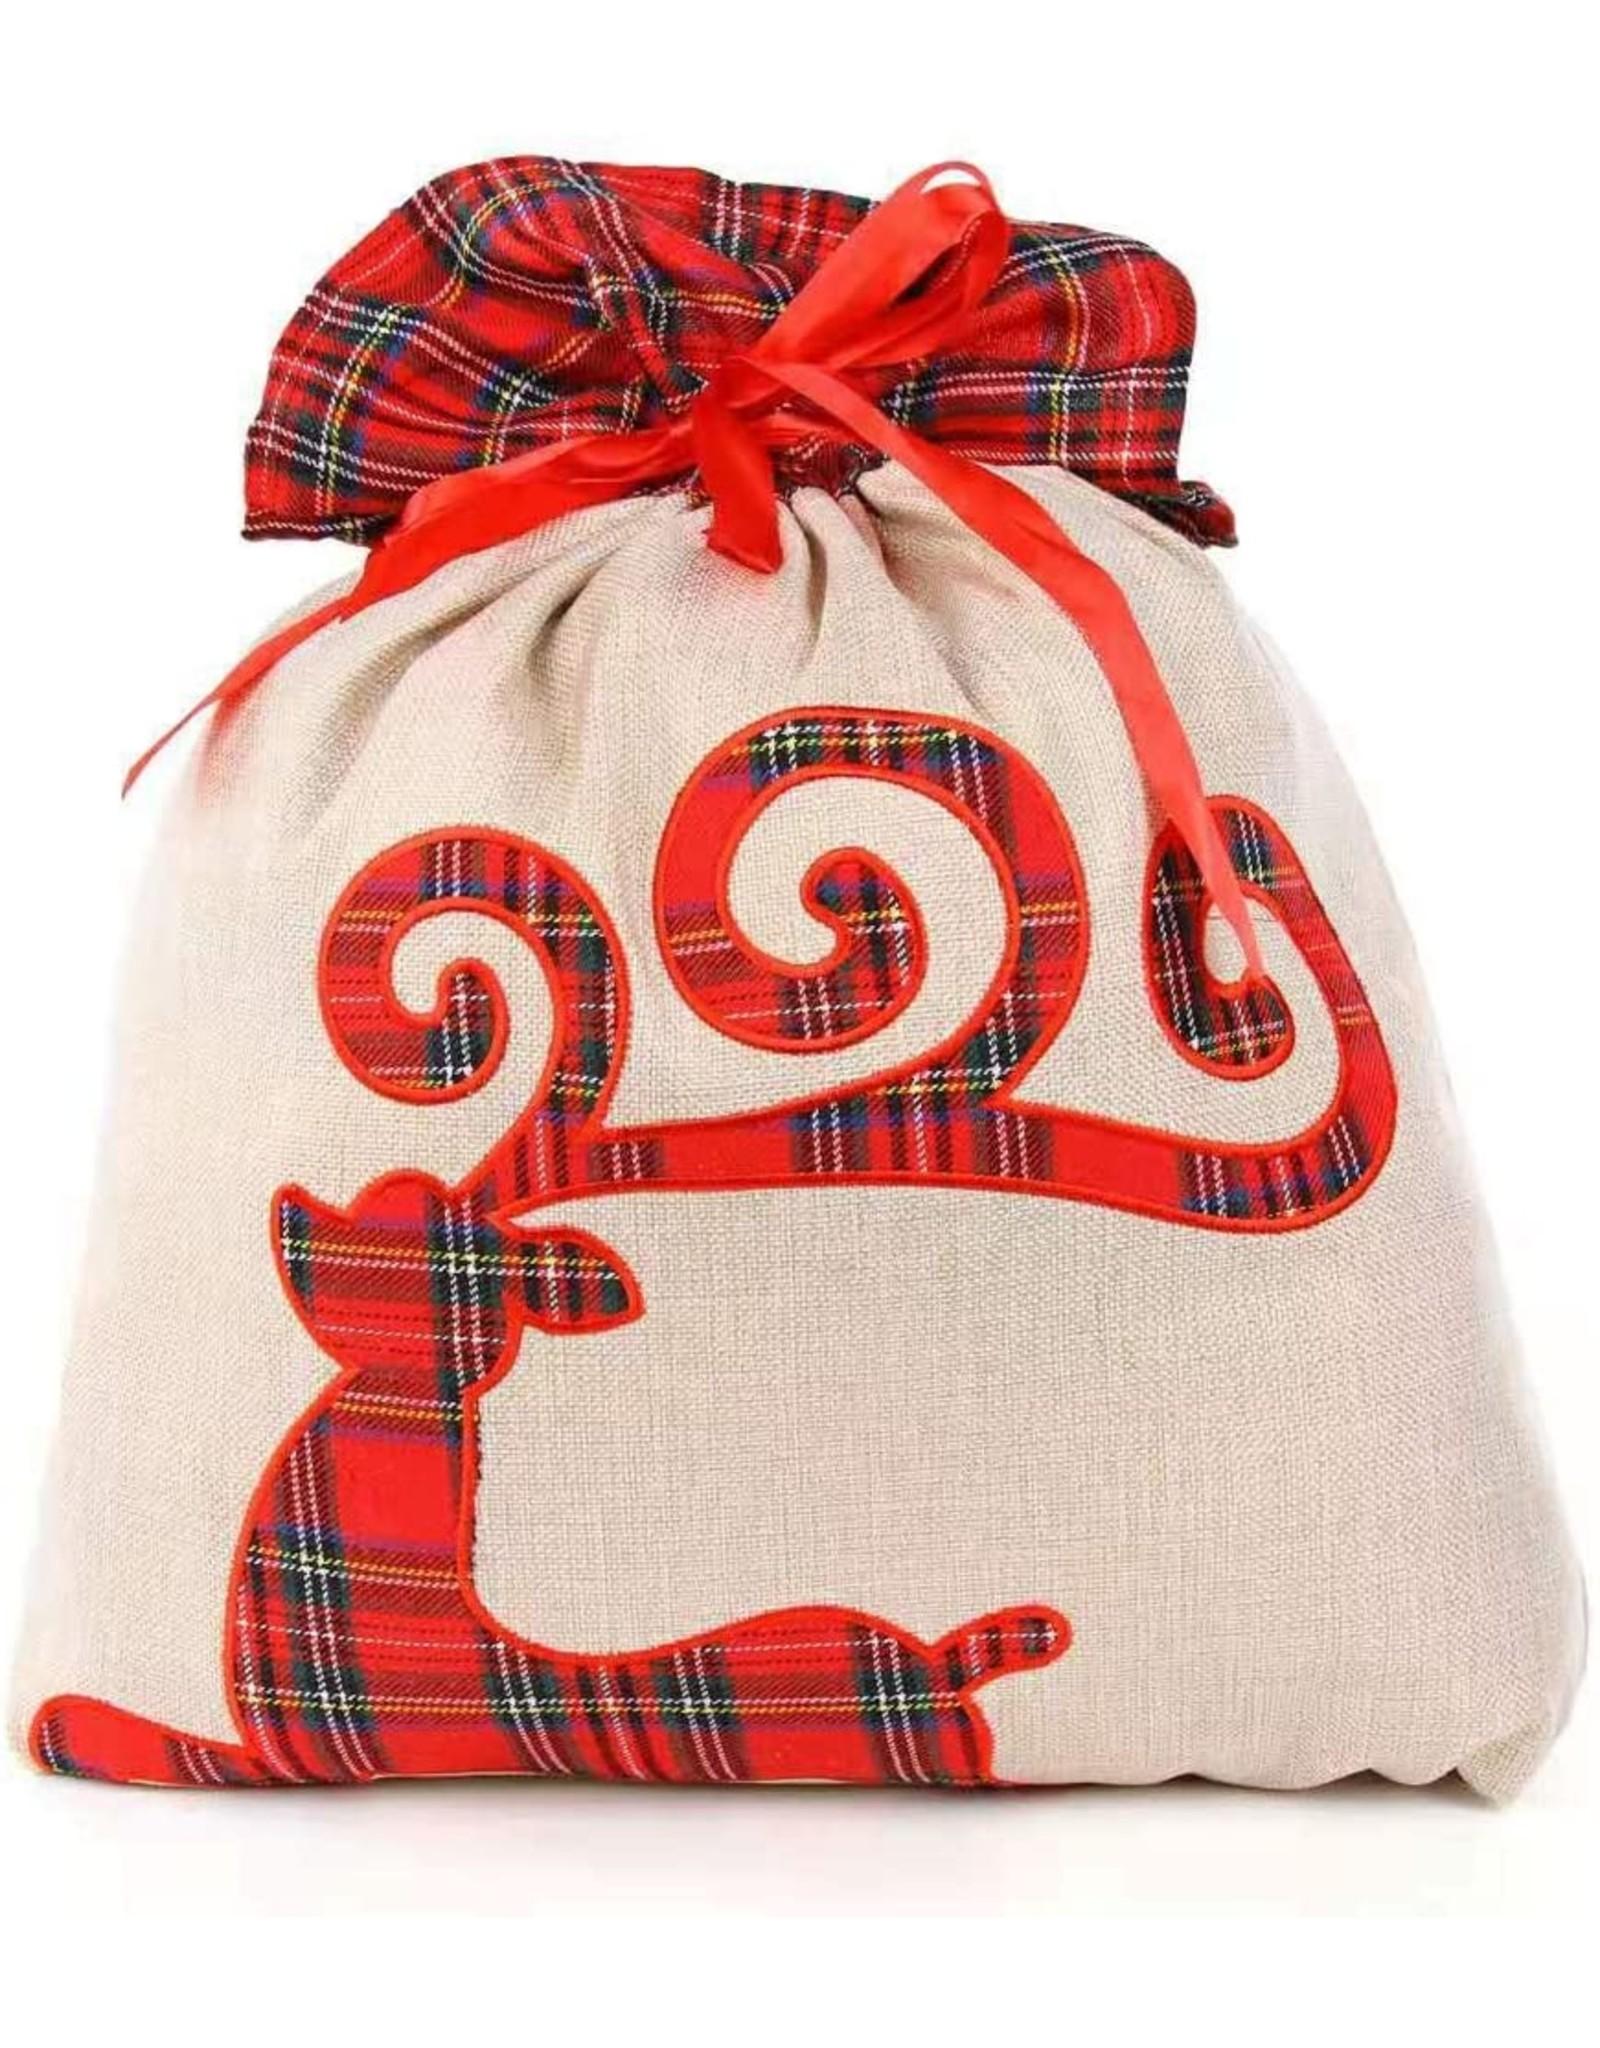 Mudpie Reindeer Tartan Christmas Sack